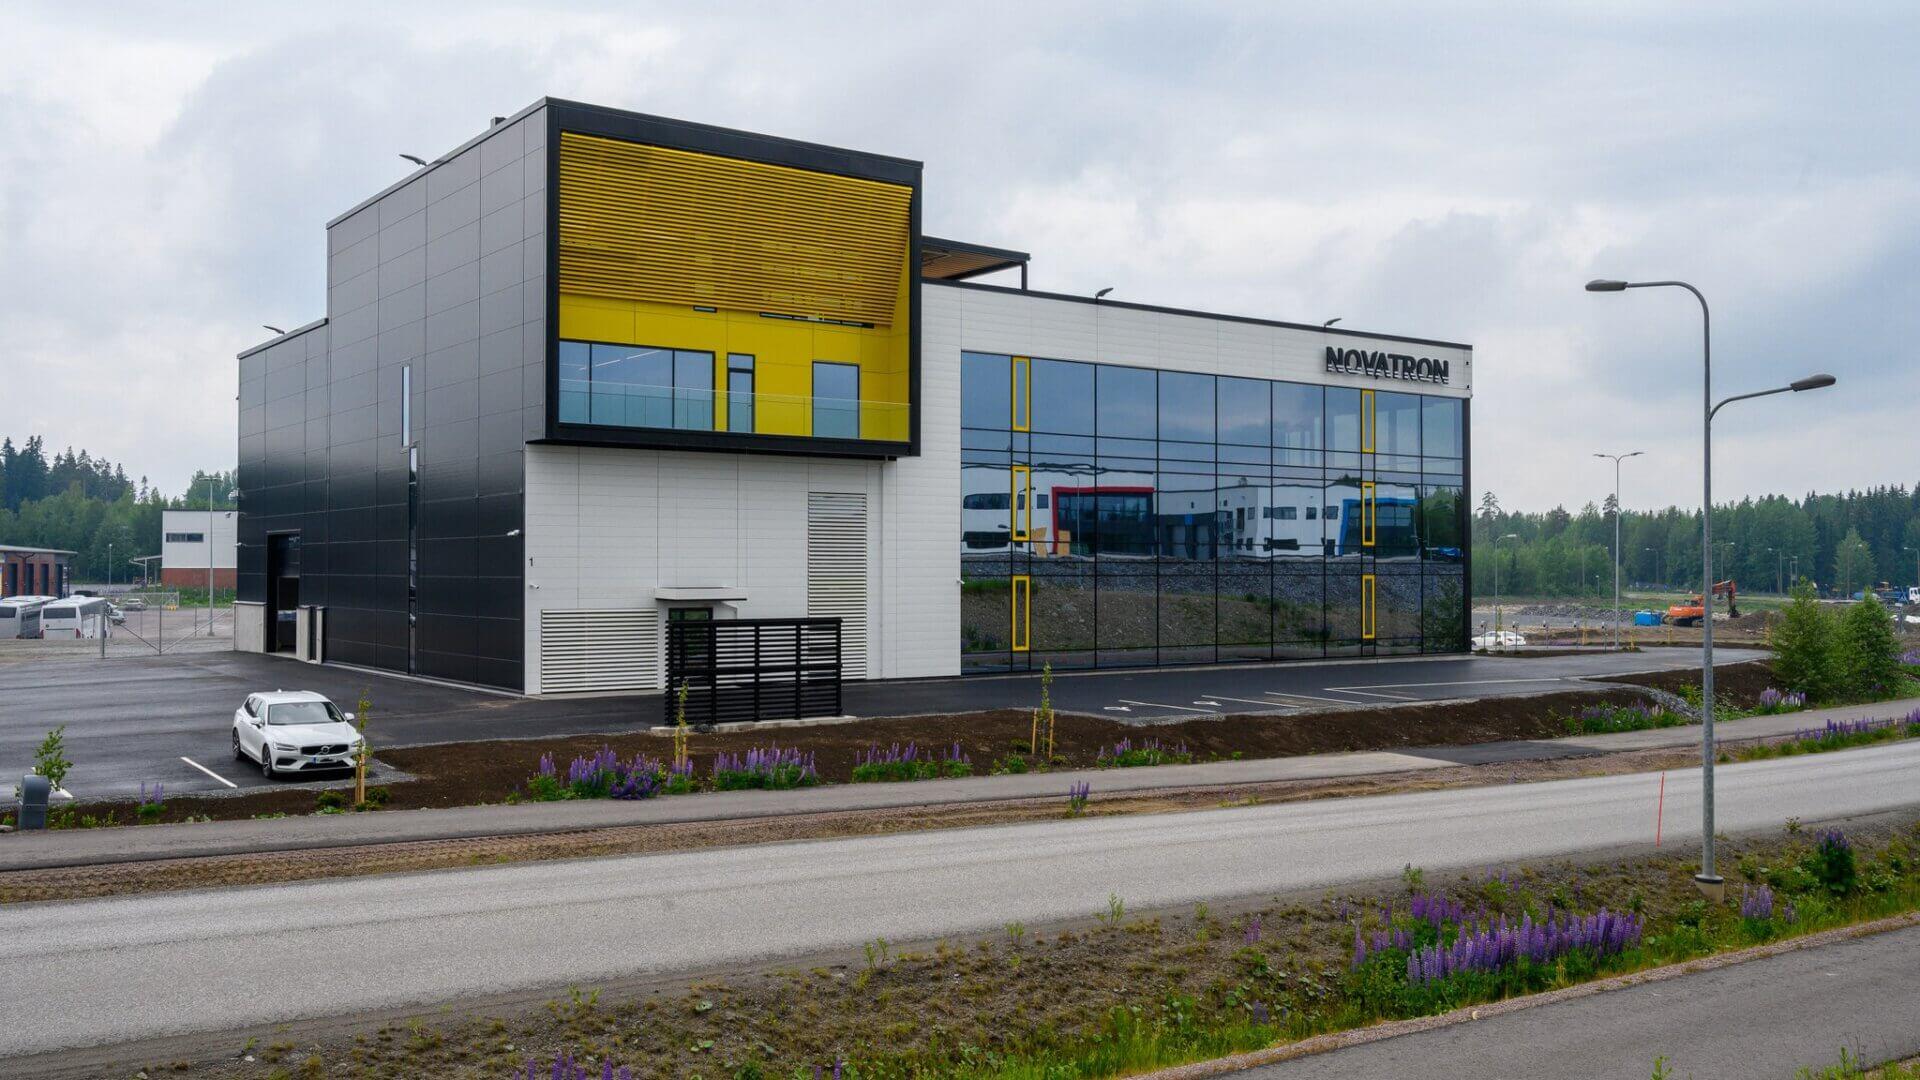 Novatronin uudet toimisto- ja tuotantotilat 1